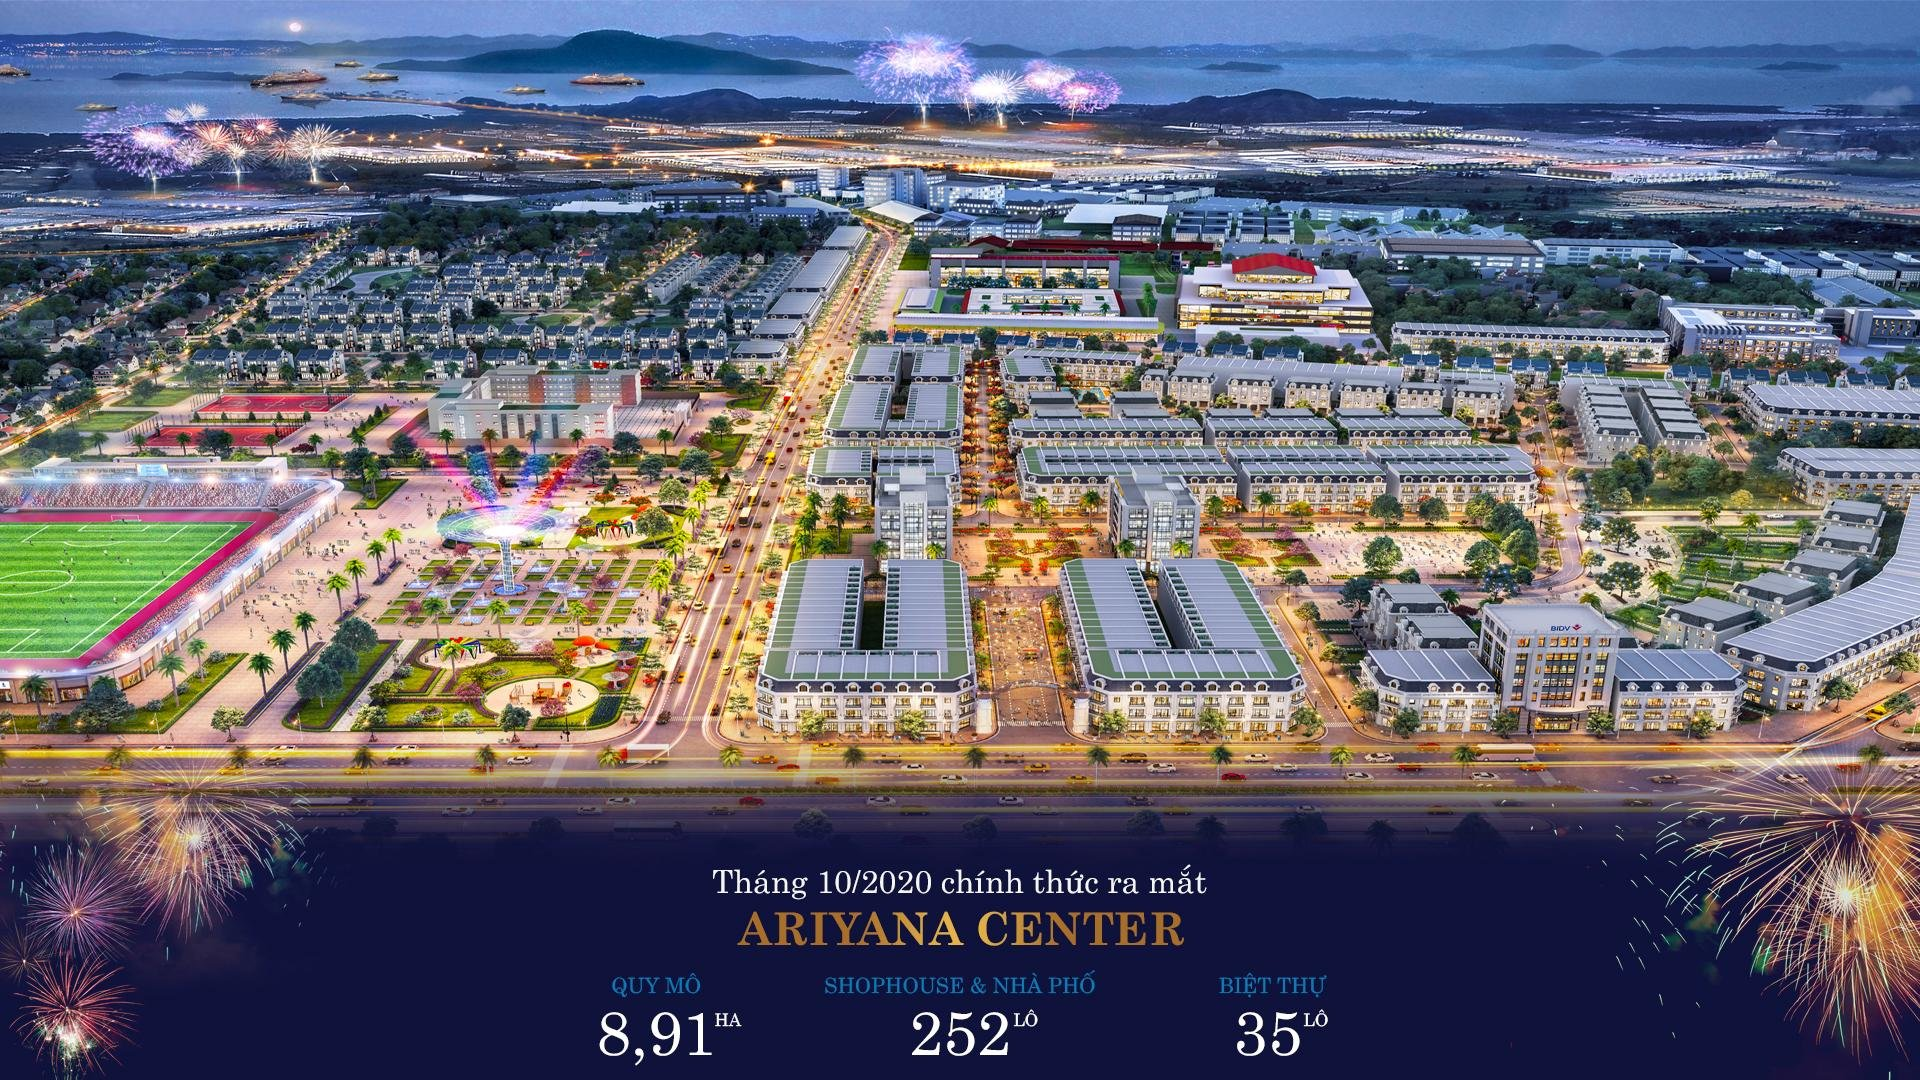 mở bán dự án ariyana center hải hà